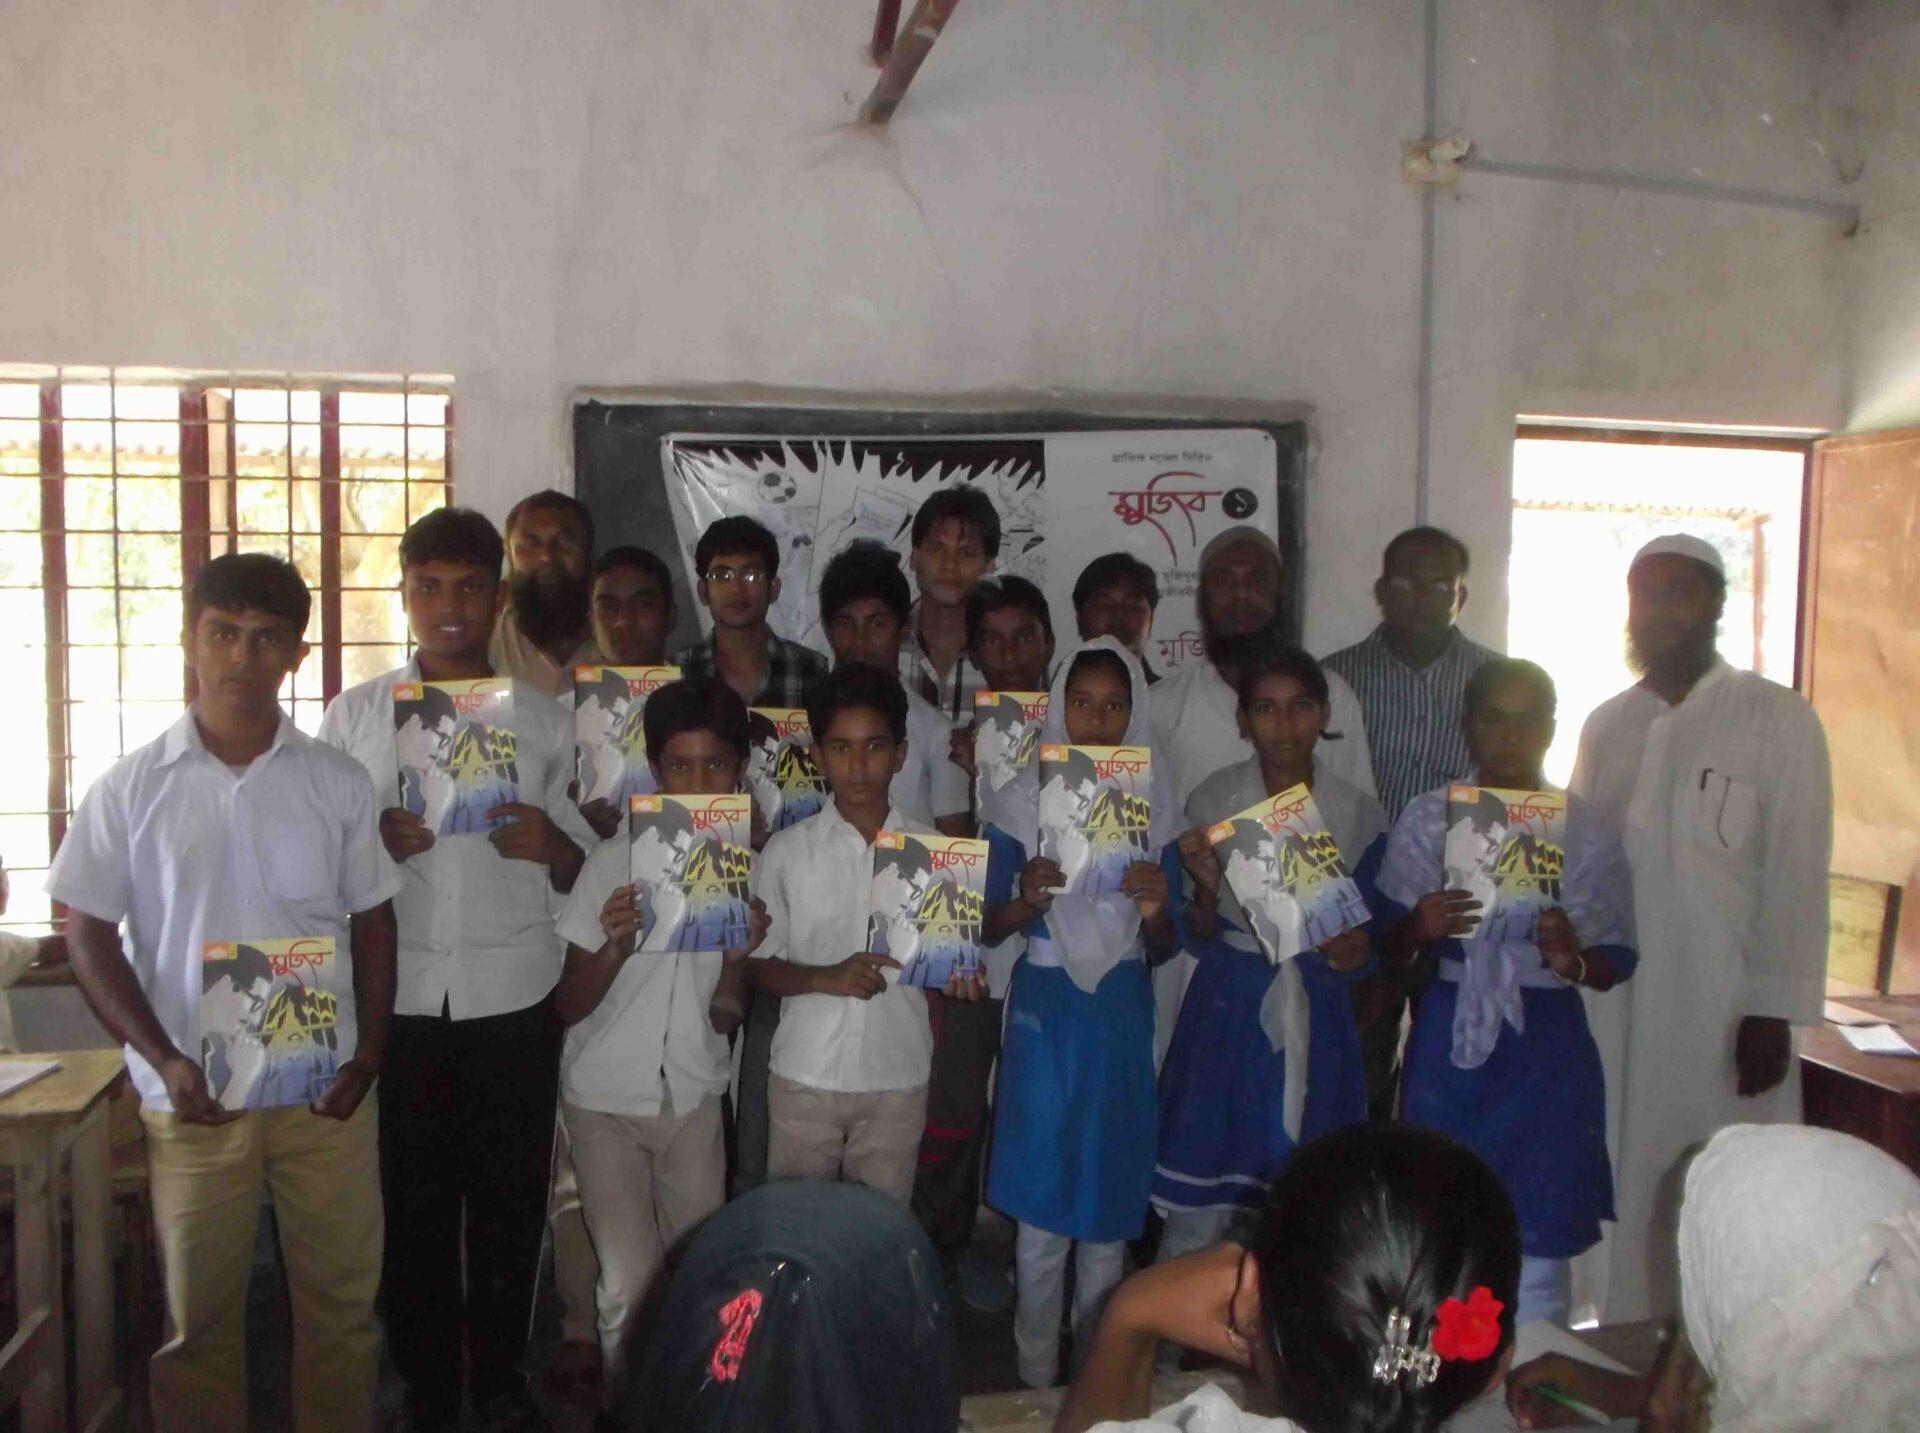 ভেড়ামারা মঈনুদ্দিন বিশ্বাস মাধ্যমিক বিদ্যালয় | Bheramara Moinuddin Biswas Madhamik VIdlaya